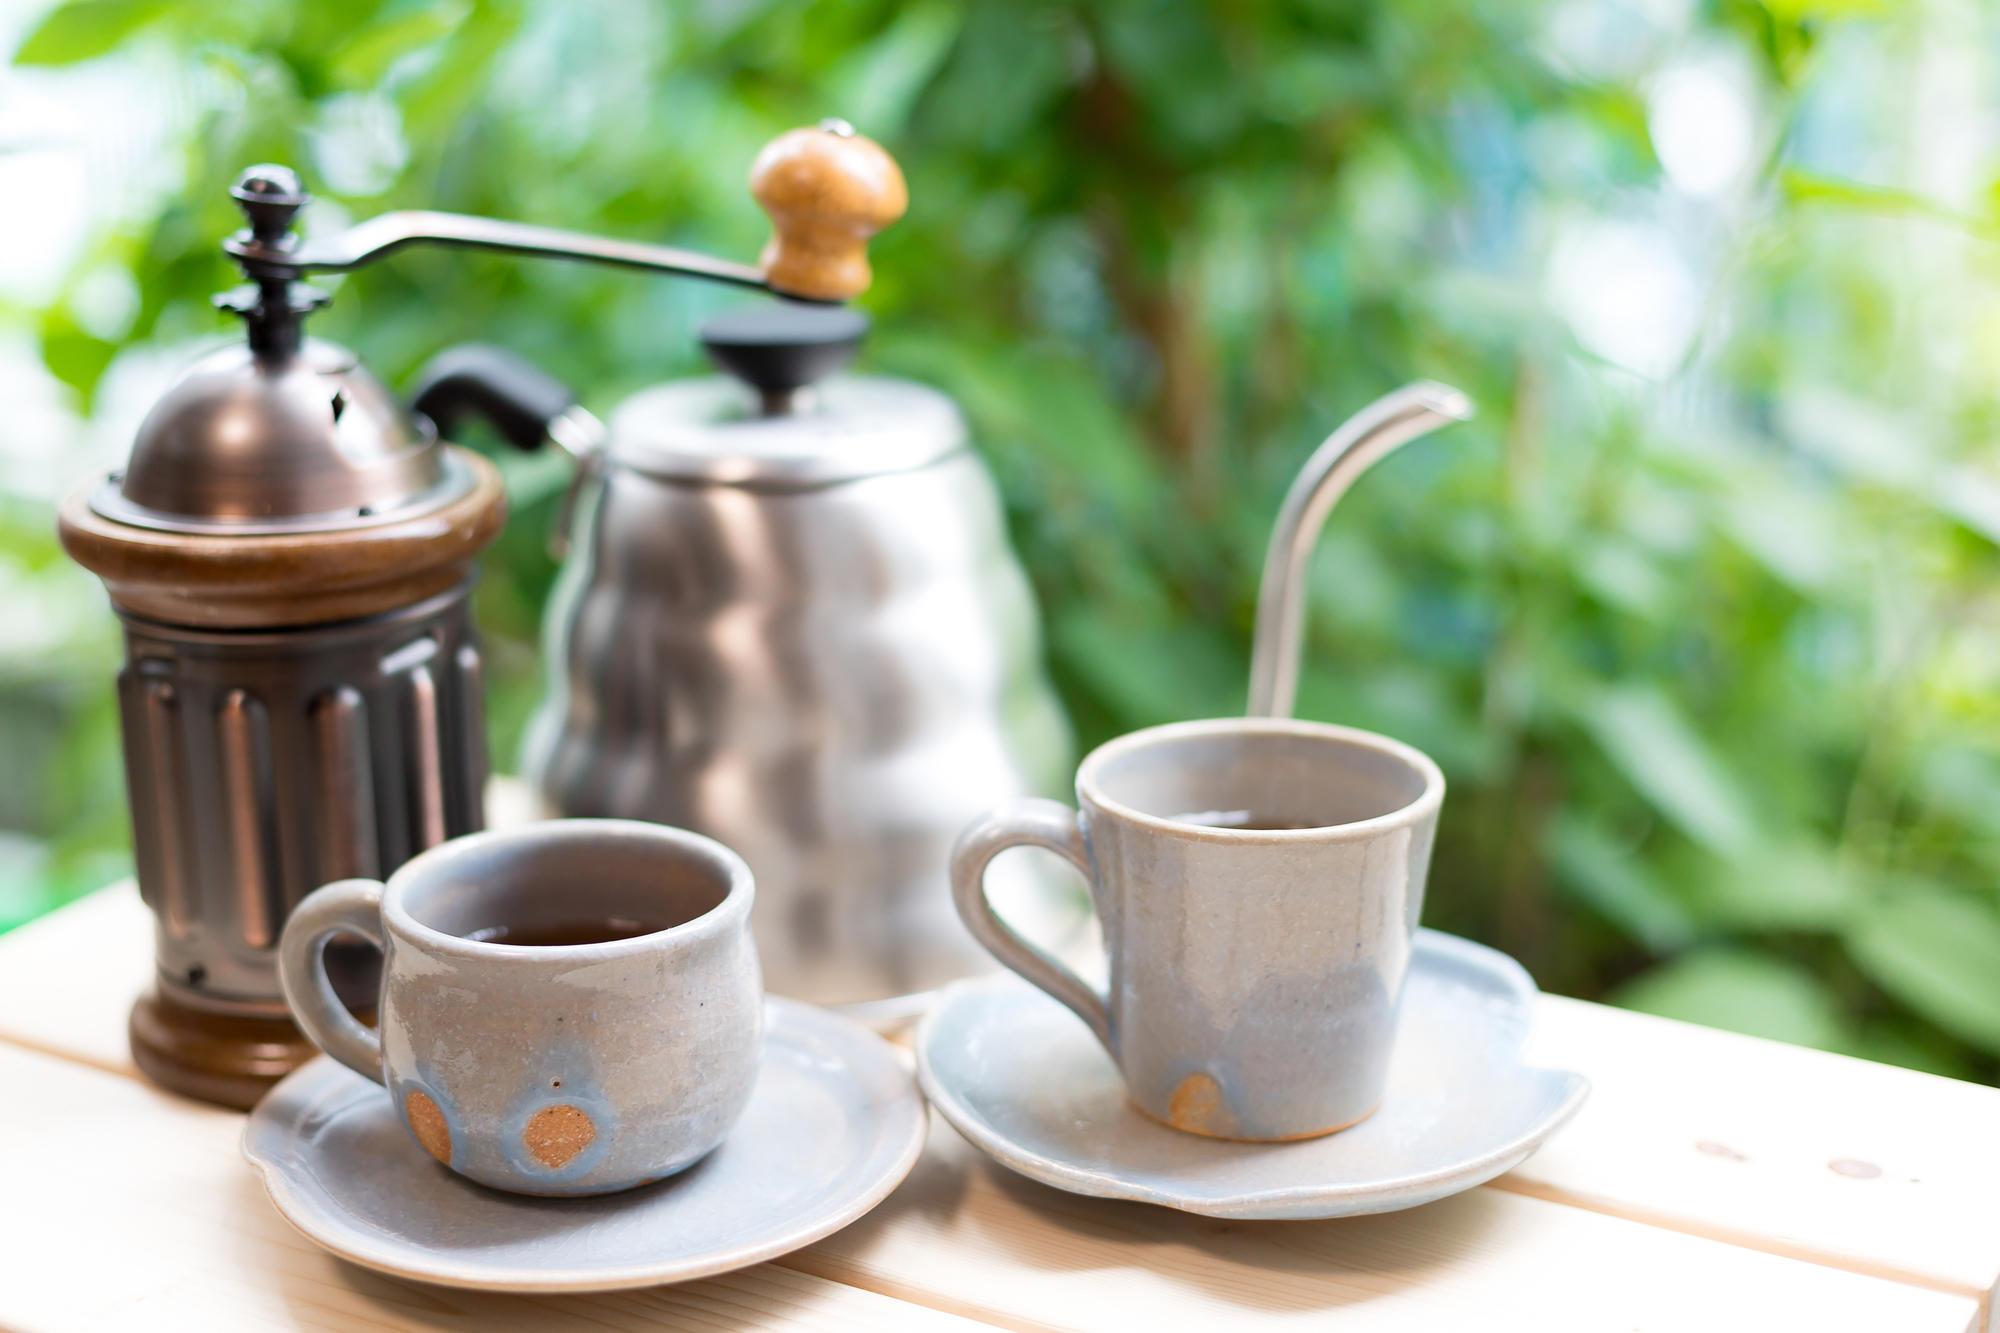 【小ネタ部】自分のために、誰かのために。<おいしいコーヒーの淹れ方>教えます